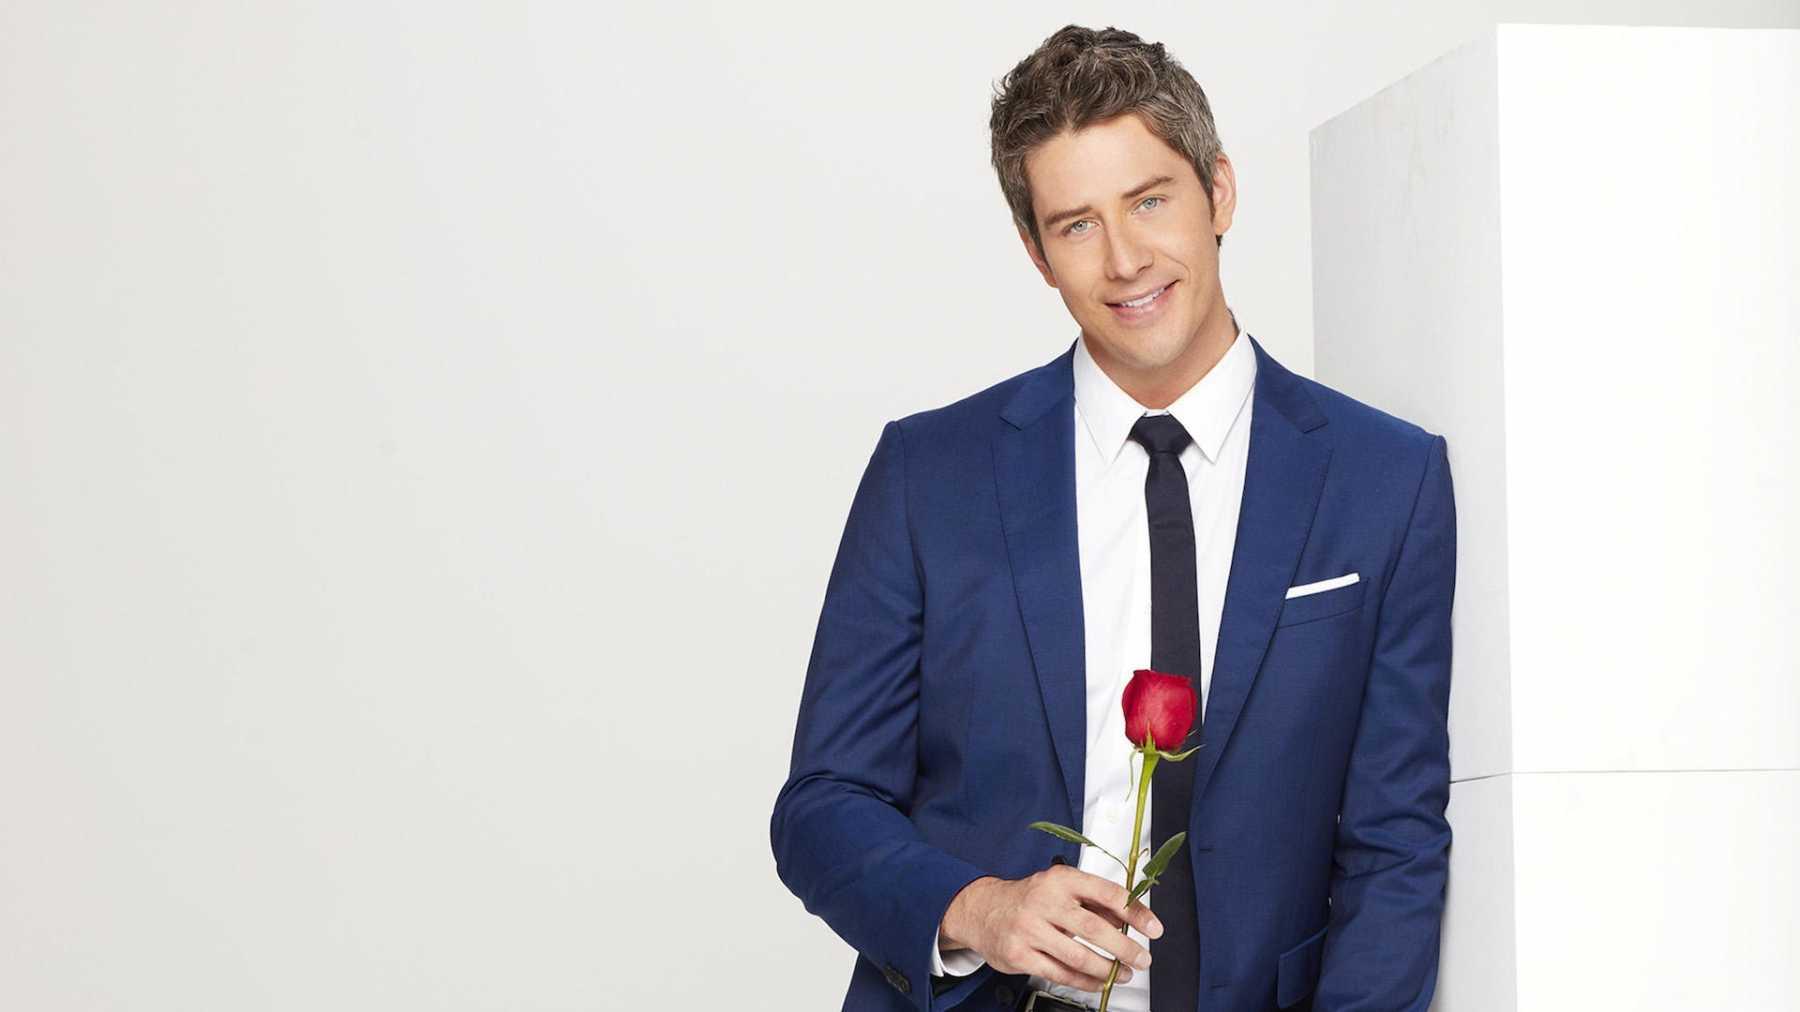 The Bachelor Returns to ABC | Bachelor Returns